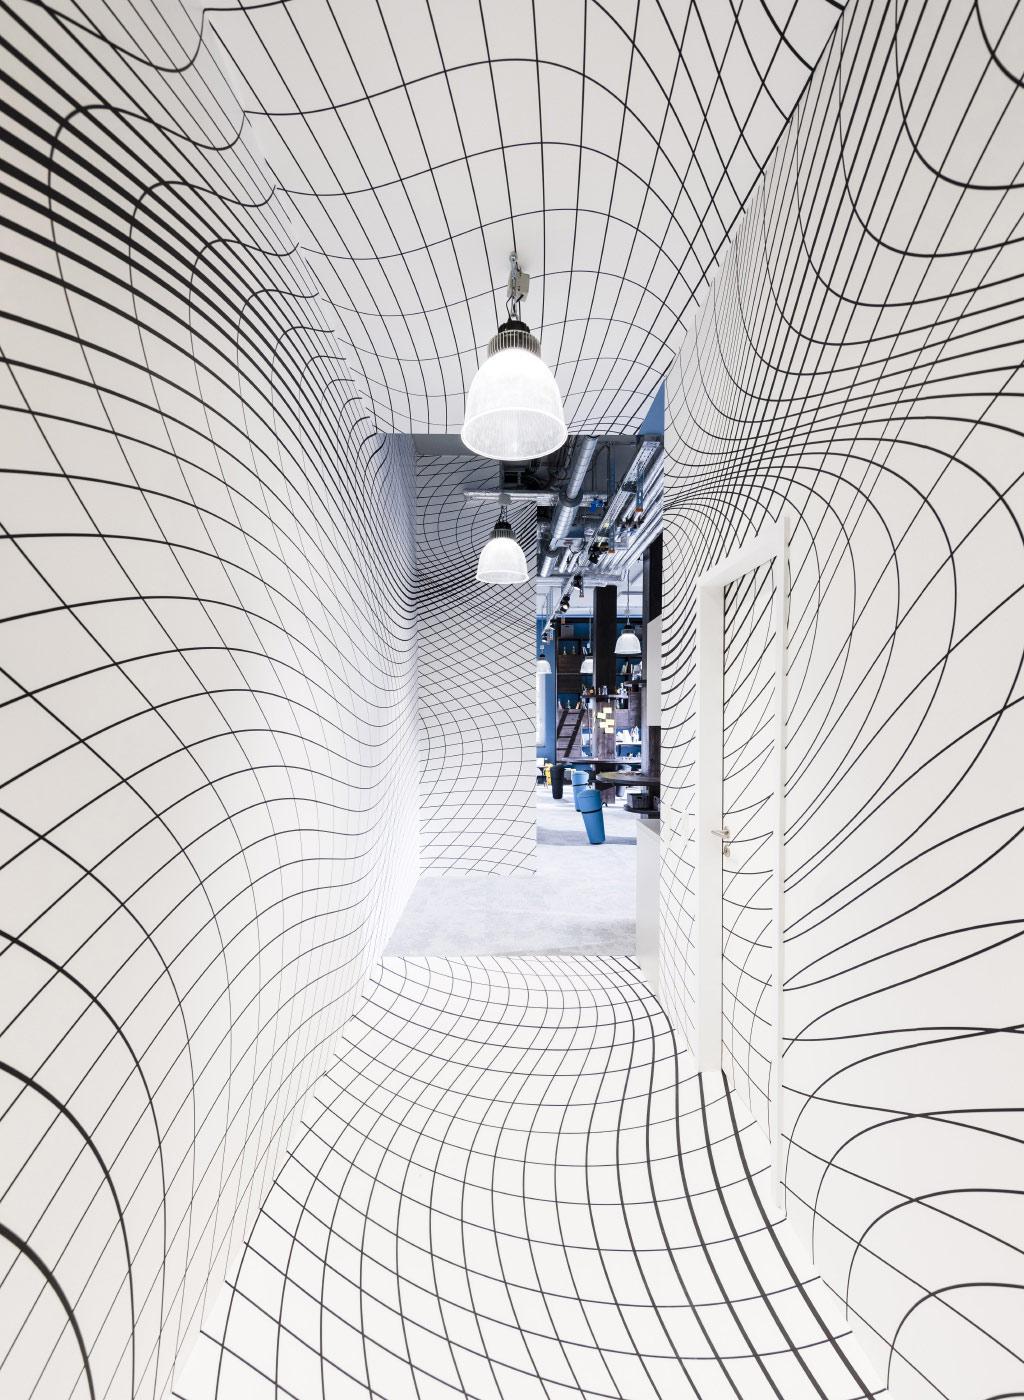 Zur Goldenen Idee Workshopraum mieten Kreativraum Eventlocation Seminarraum Miete Design Thinking New Work Lab Düsseldorf Geschichte